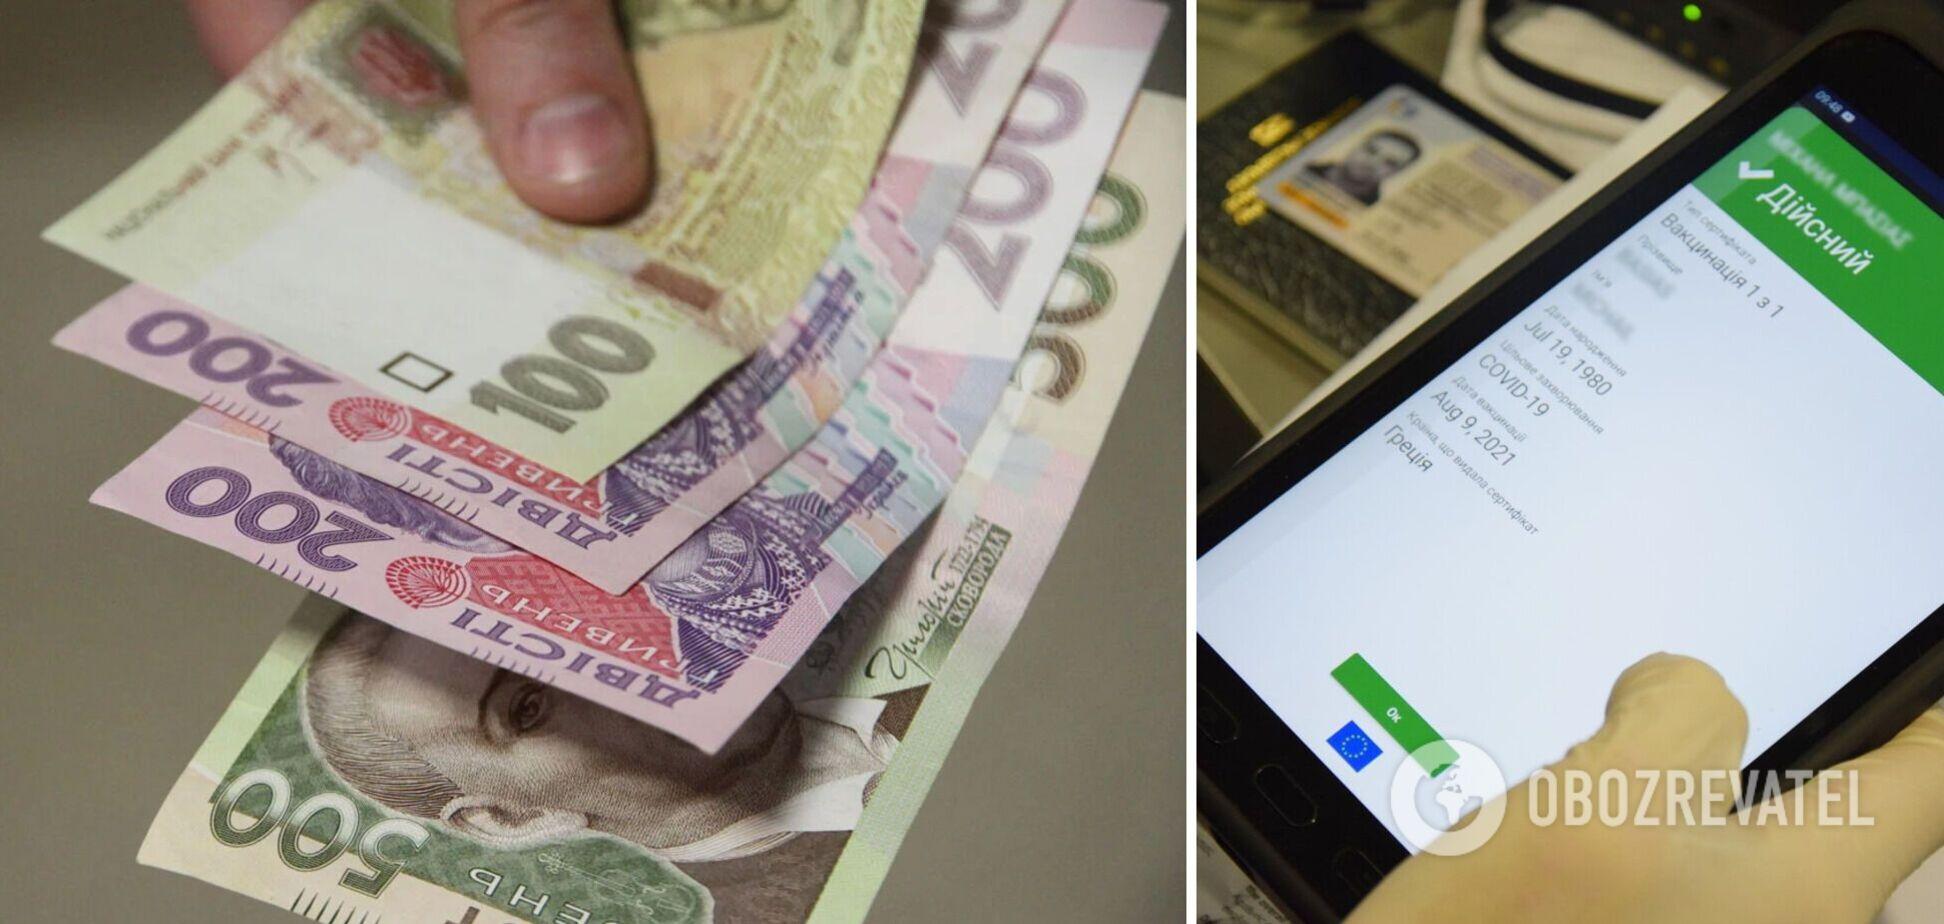 Ціна одного документа коливалась від 725 до 1800 гривень